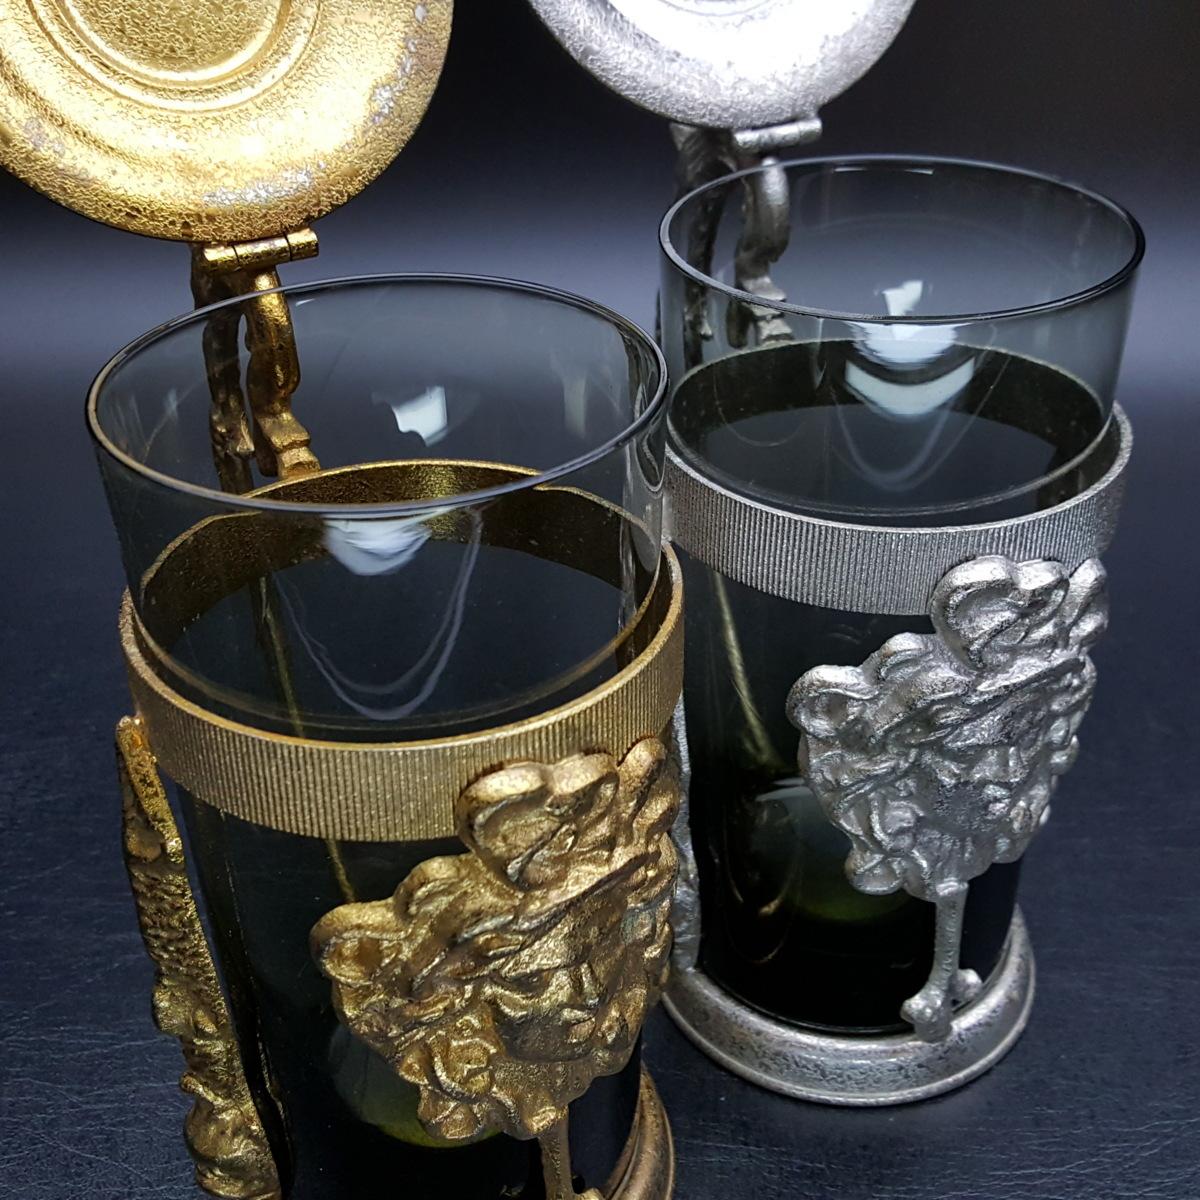 【宝蔵】アンティーク メデューサ メドゥーサ 金銀一対 蓋付グラス 一組 カップ コップ_画像5